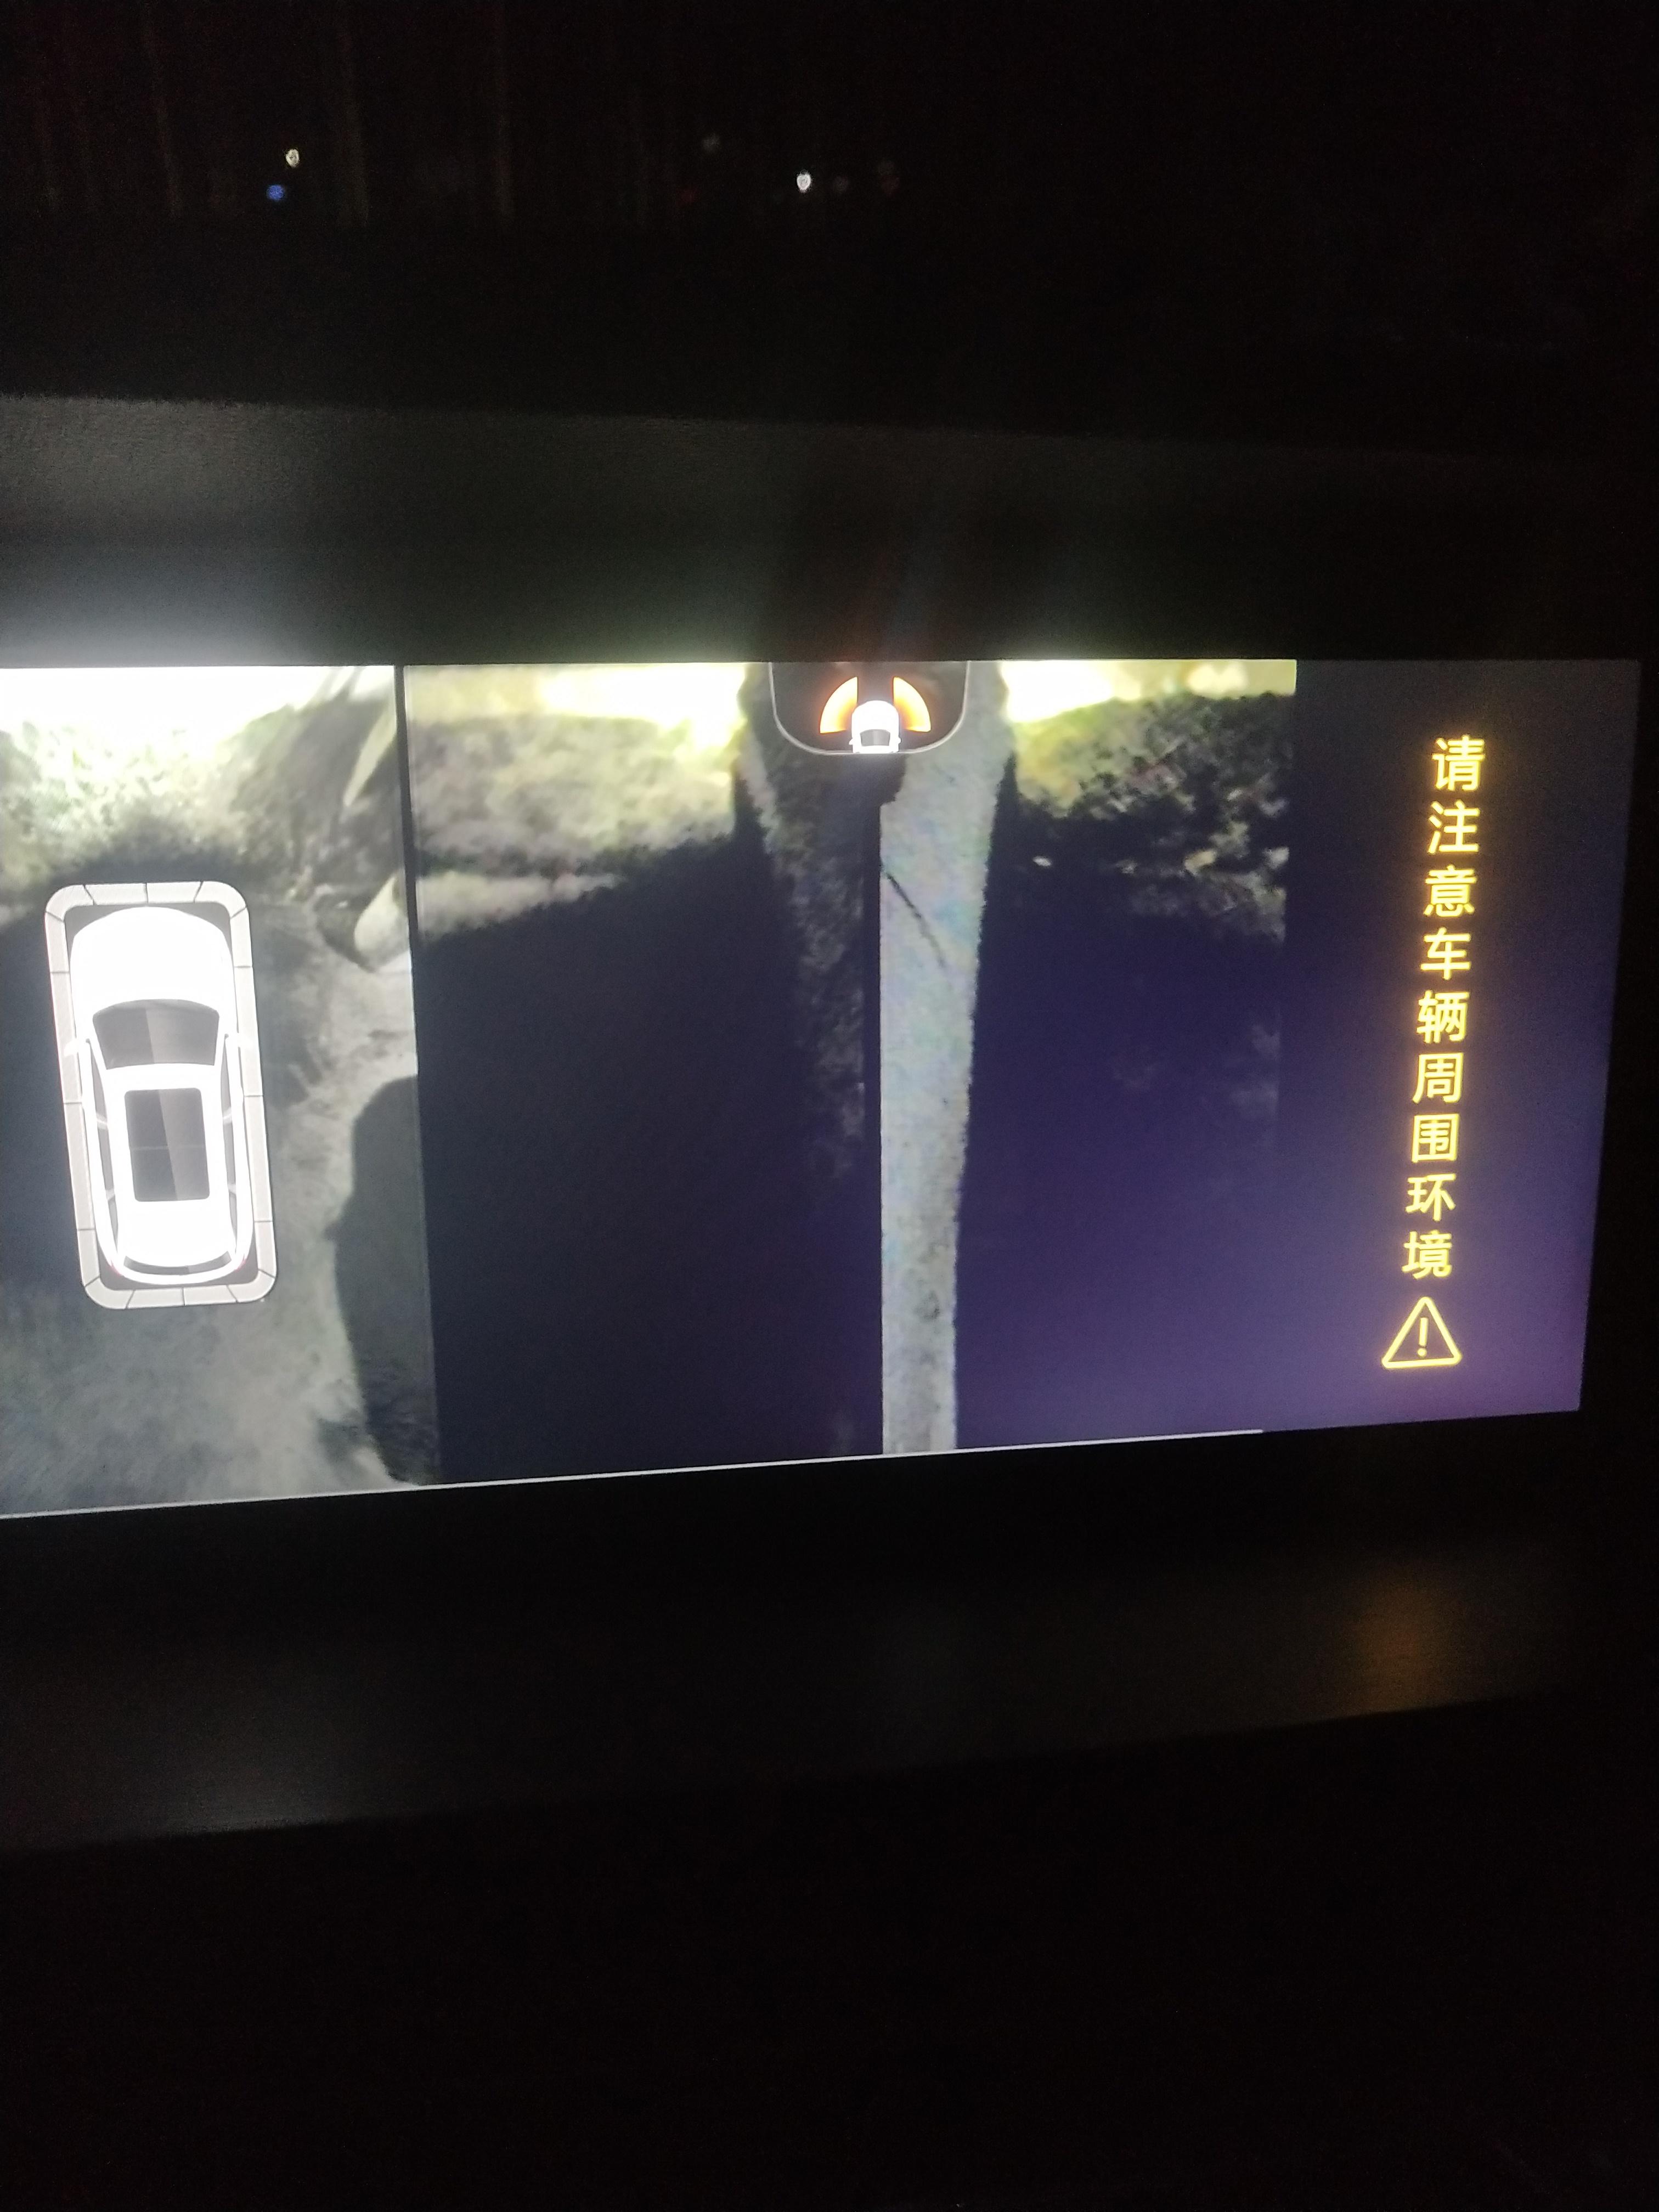 长安-CS75 PLUS360模糊不清看不见